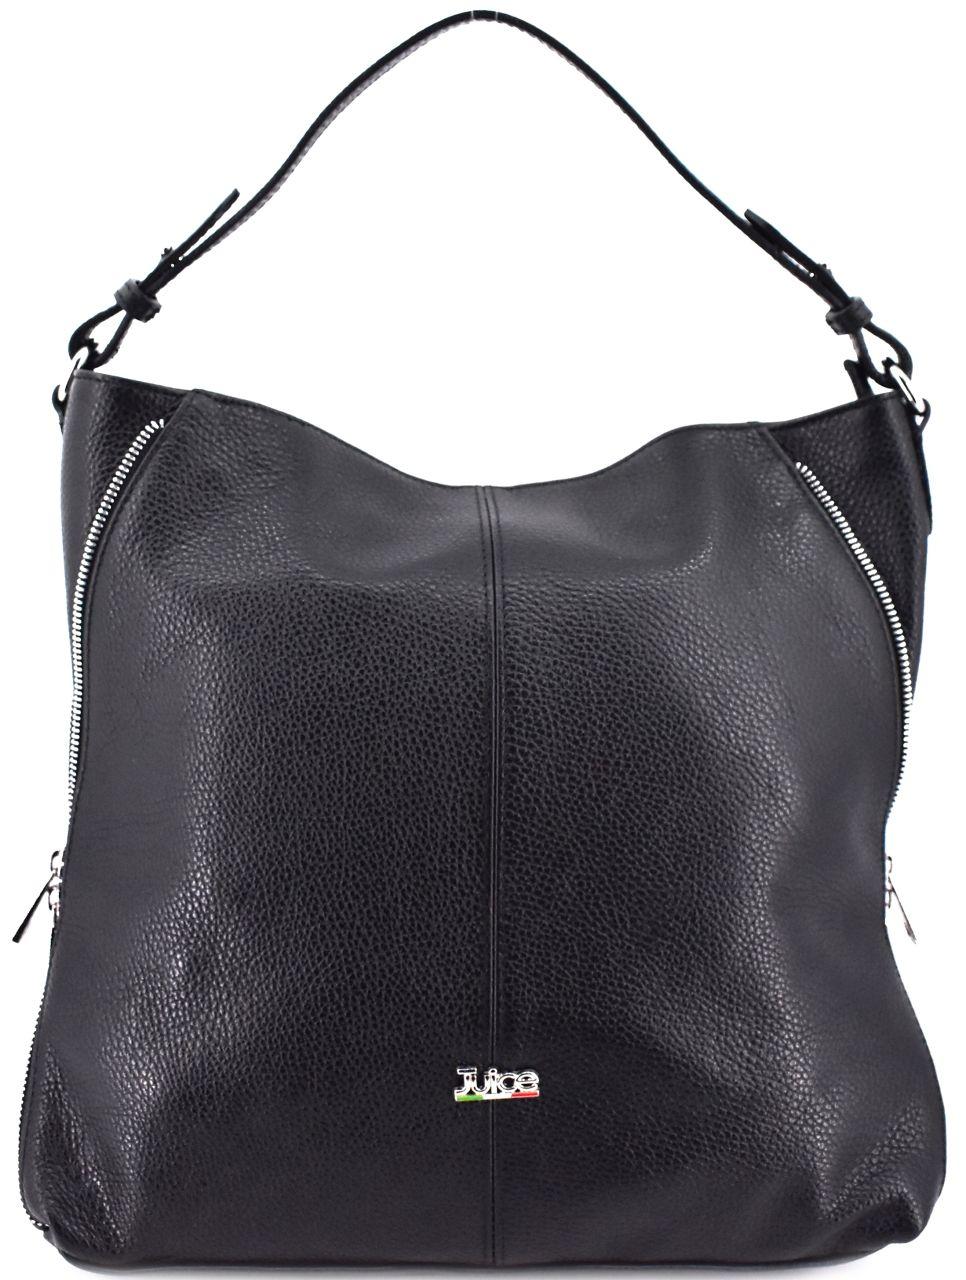 Dámská kožená kabelka Juice - černá 112173